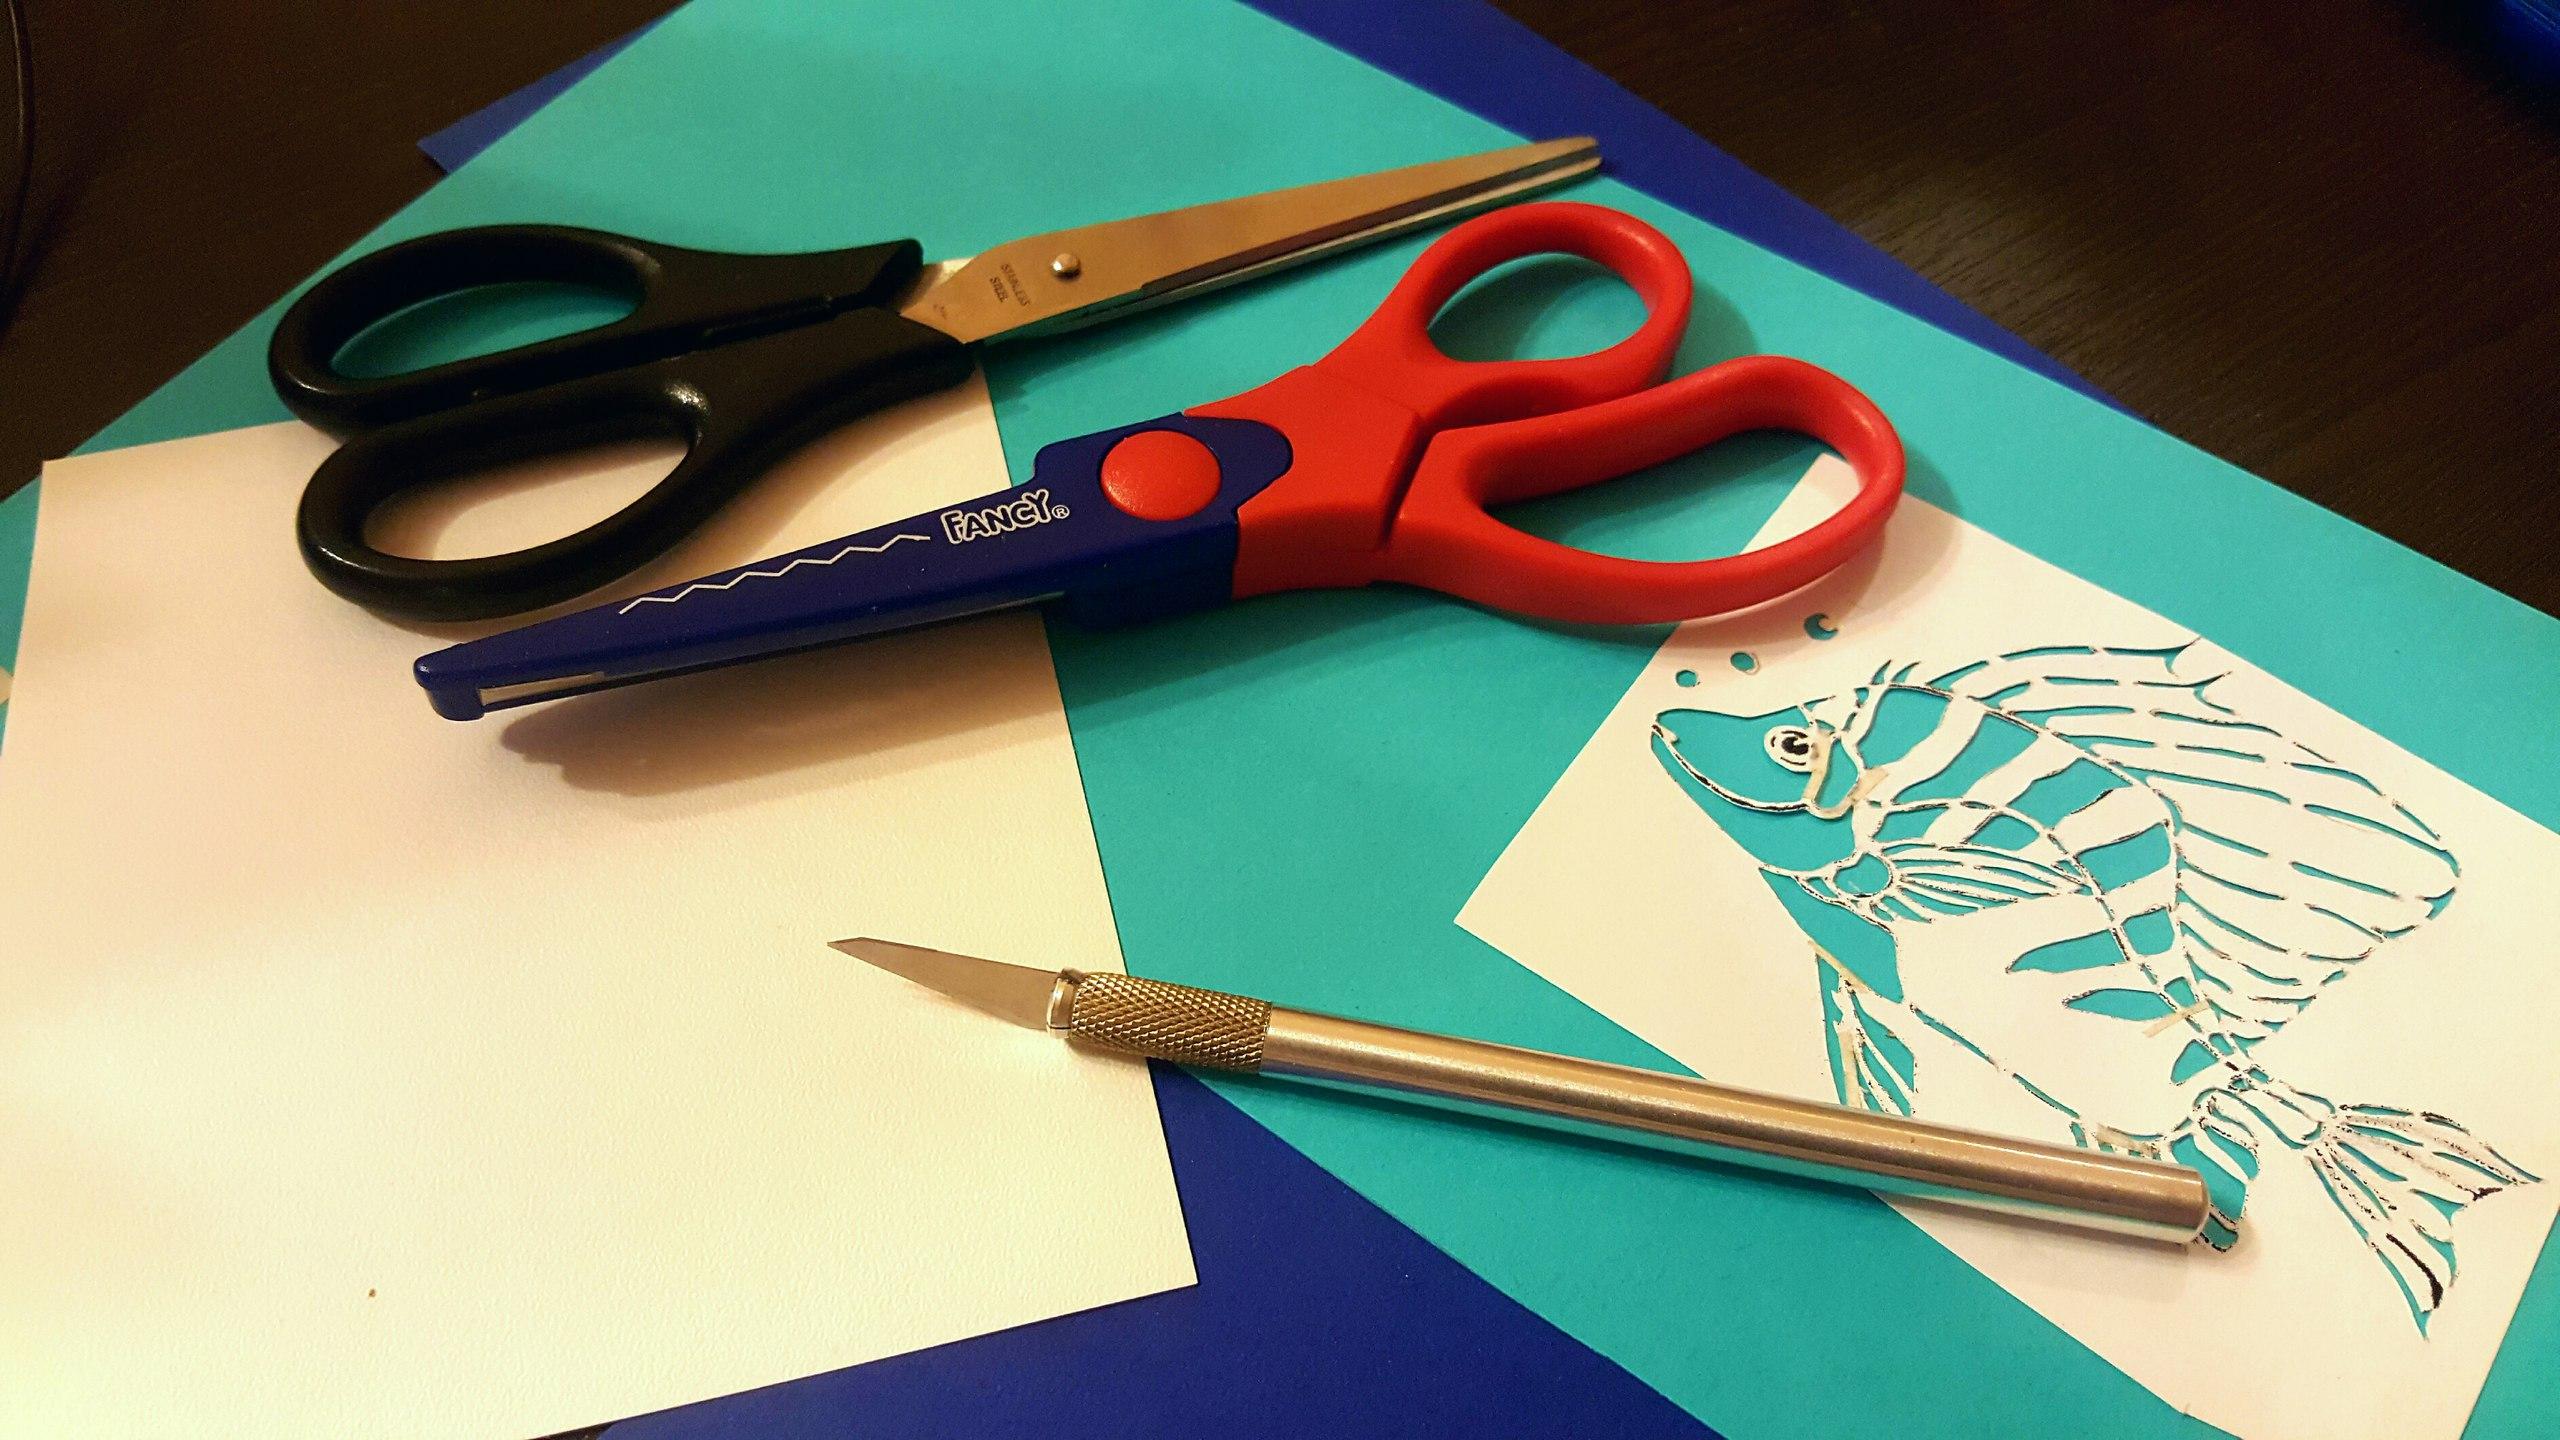 картинки которые вырезают ножницами предлагаем